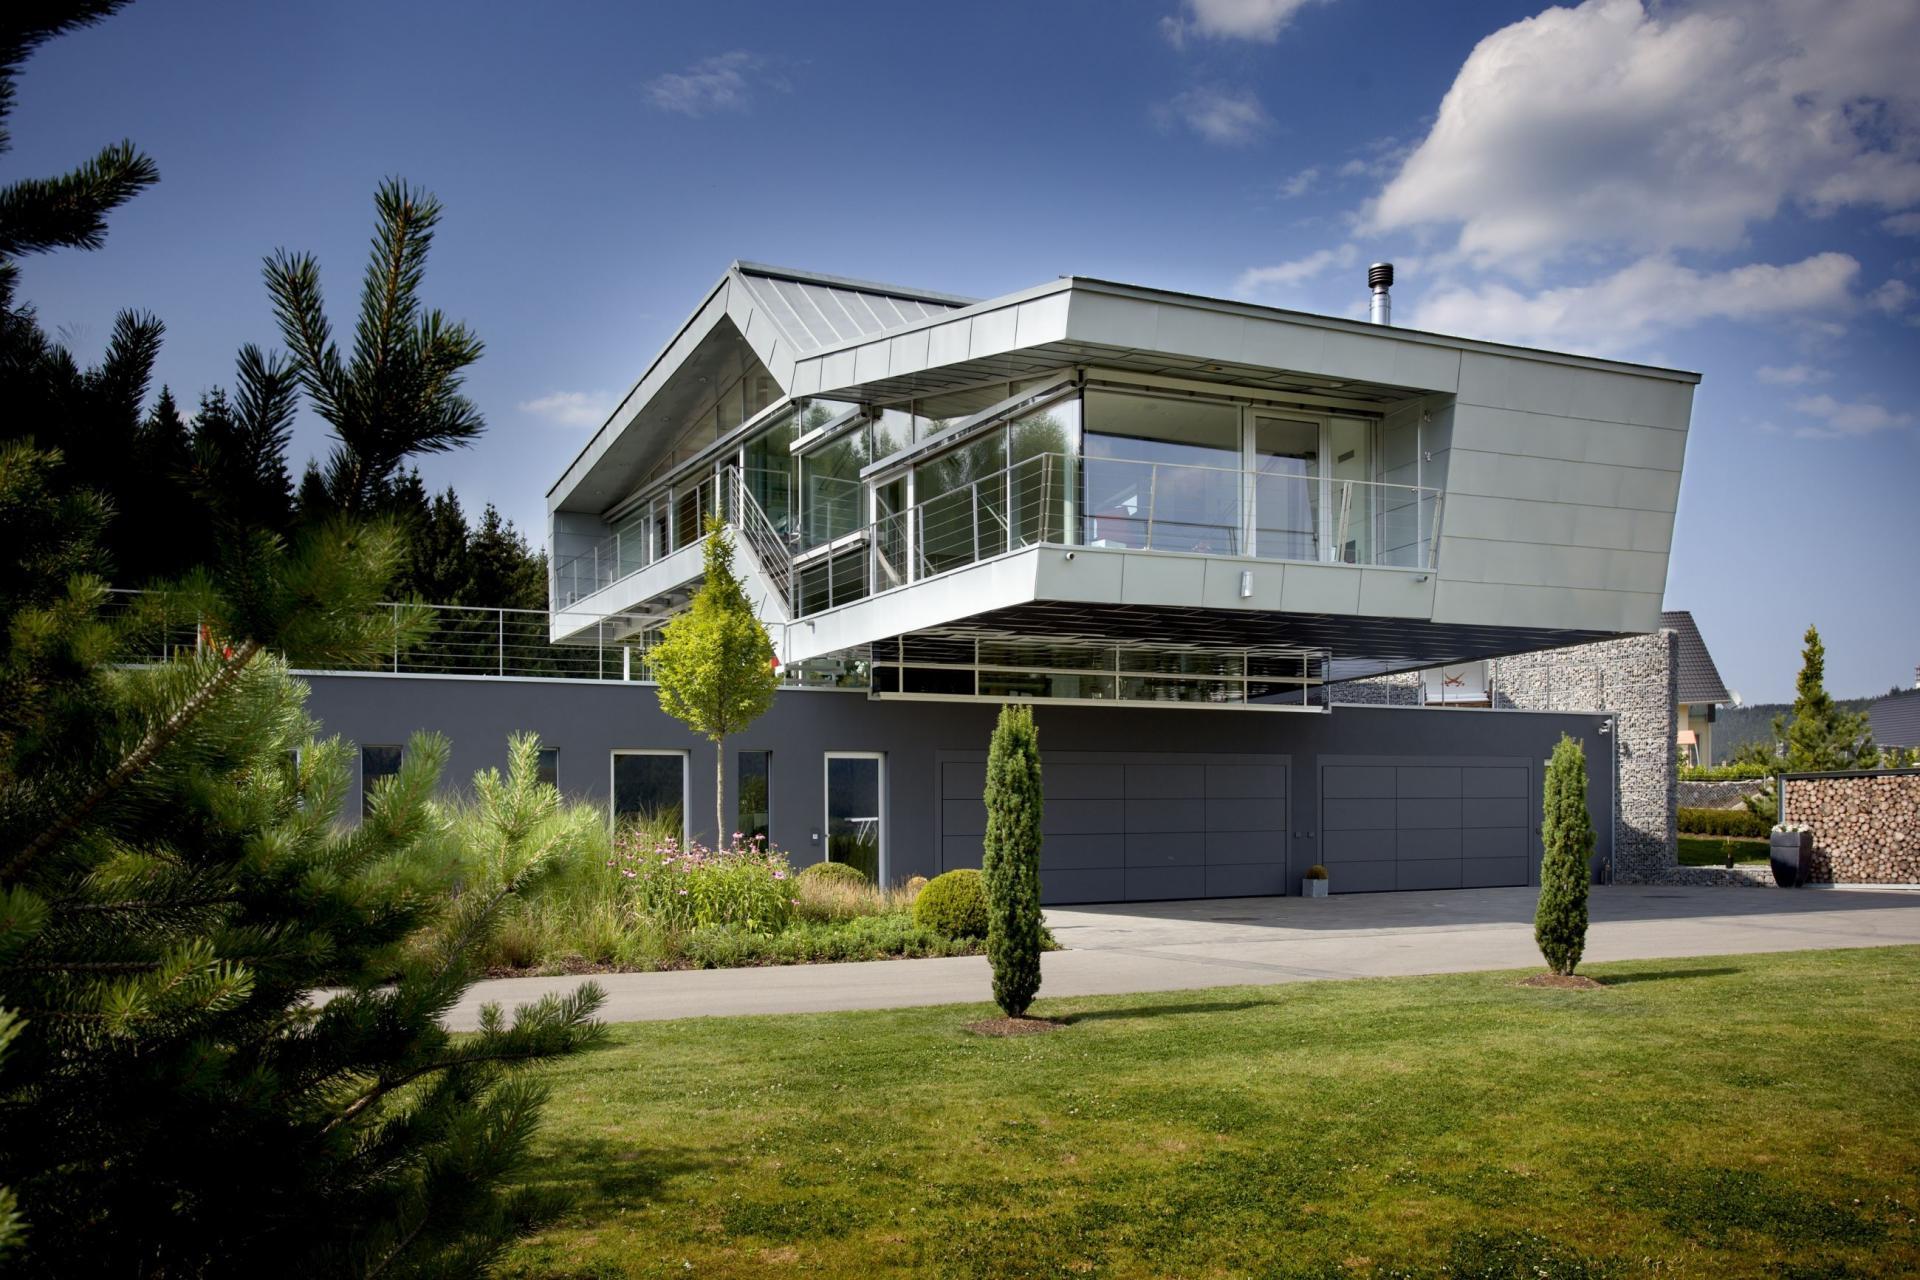 Maison design multi niveaux